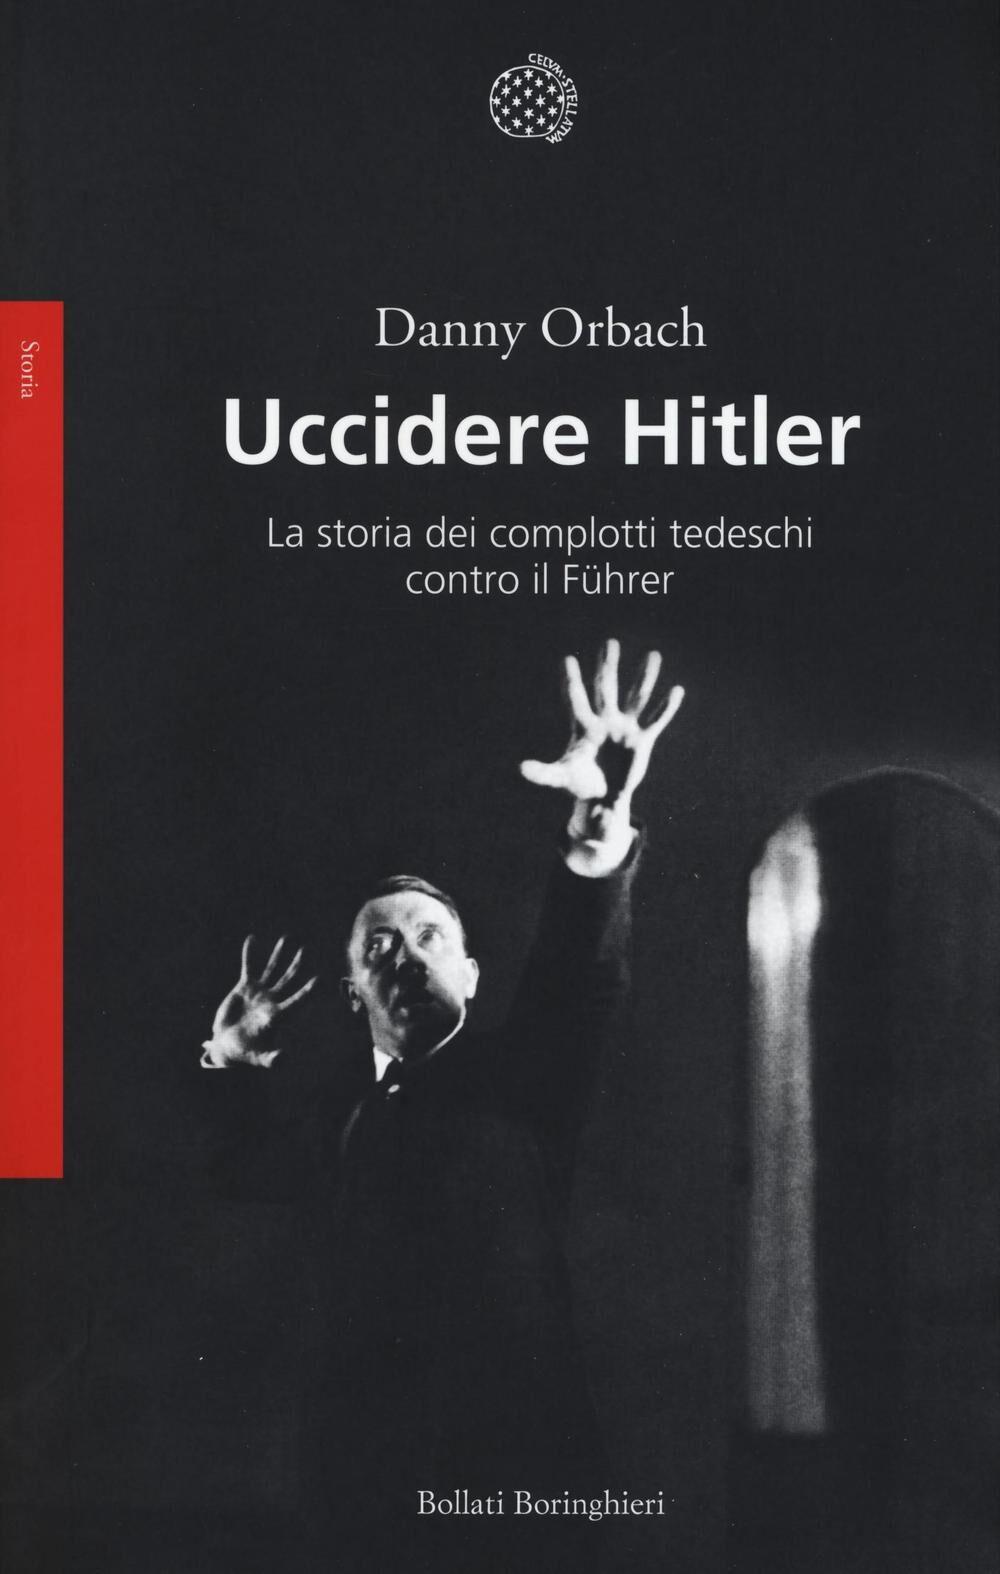 Uccidere Hitler. La storia dei complotti tedeschi contro il Führer